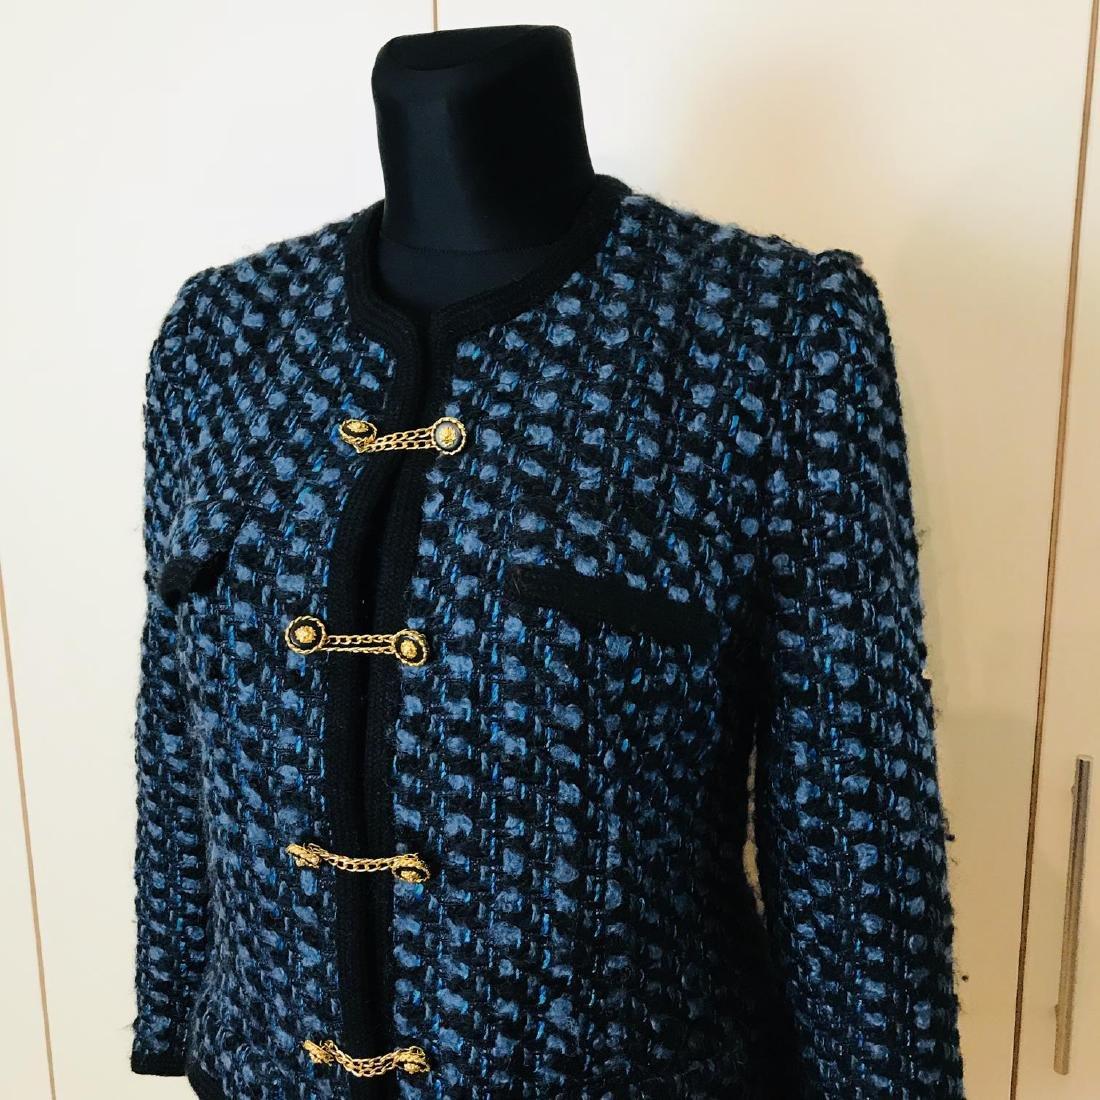 Vintage Women's Designer Jacket Blazer Size EUR 46 US - 2